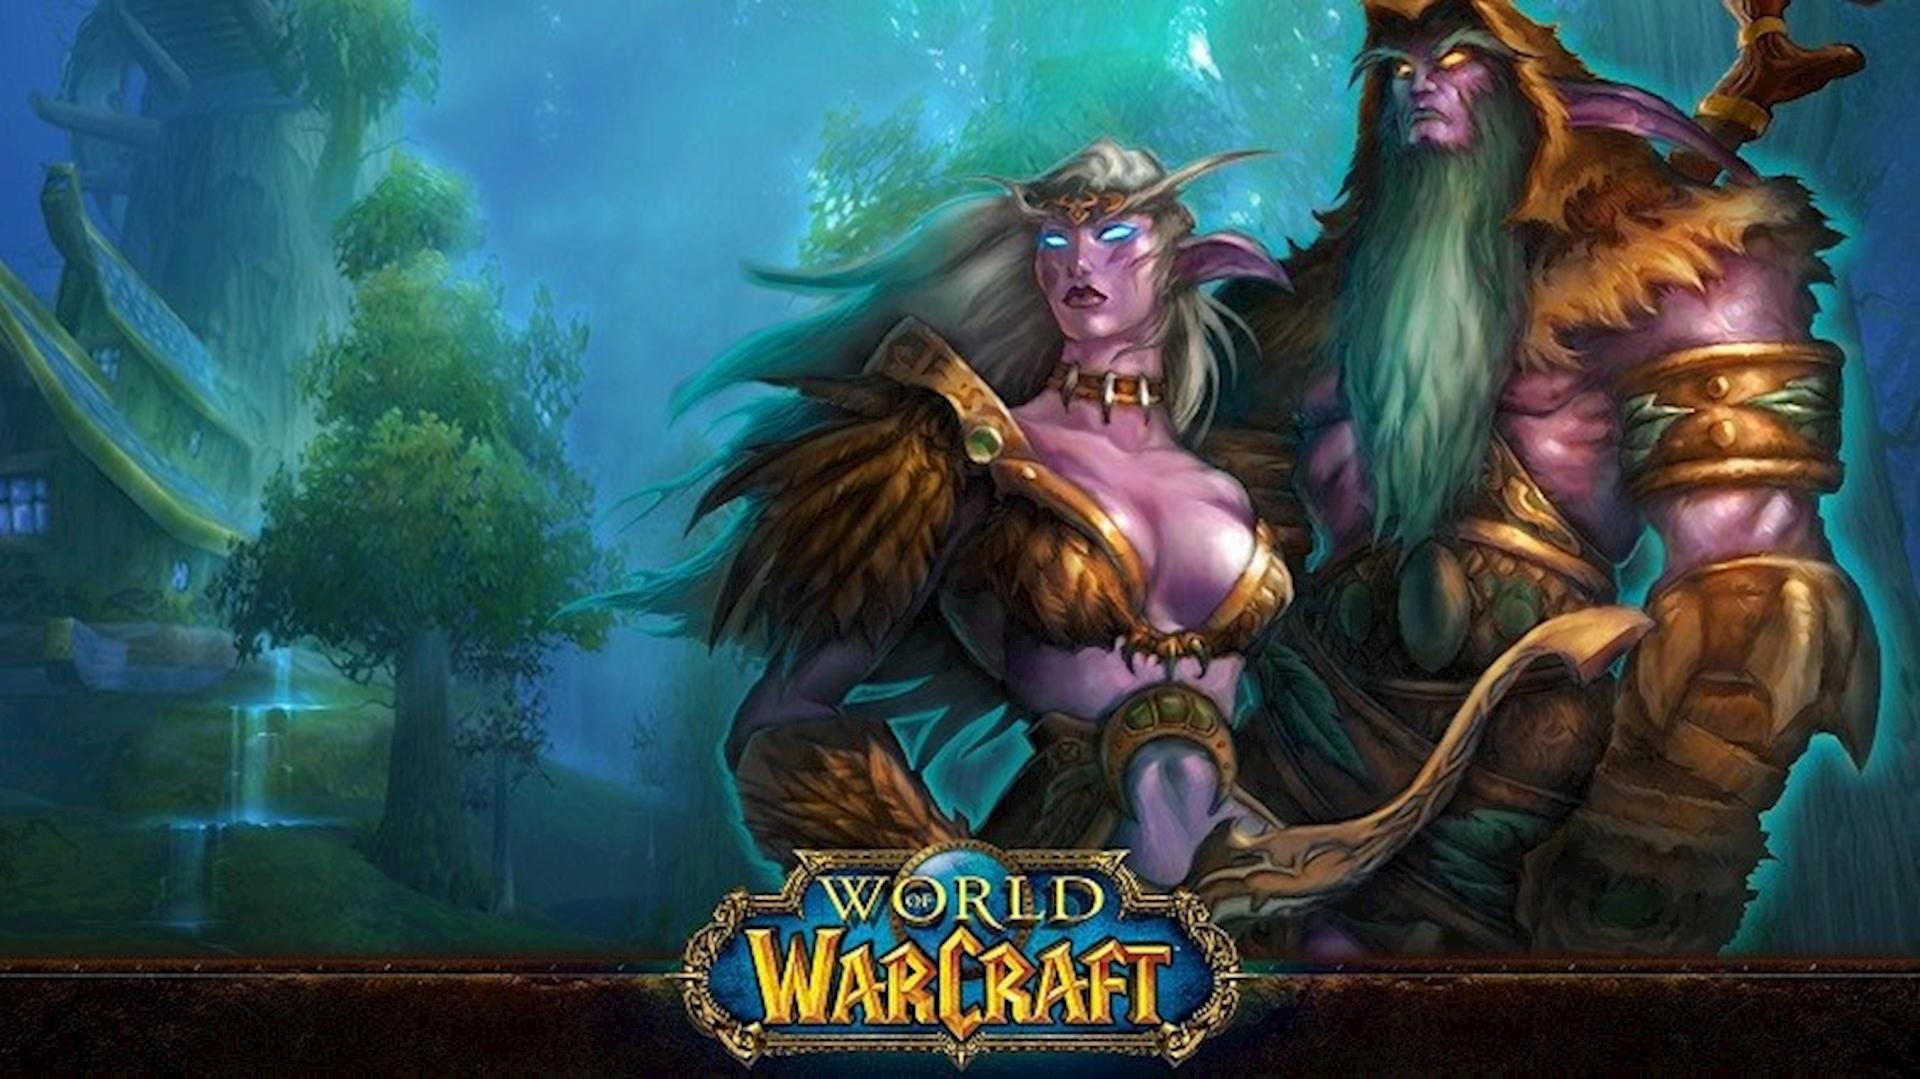 World of Warcraft'a Büyük Güncelleme Geliyor